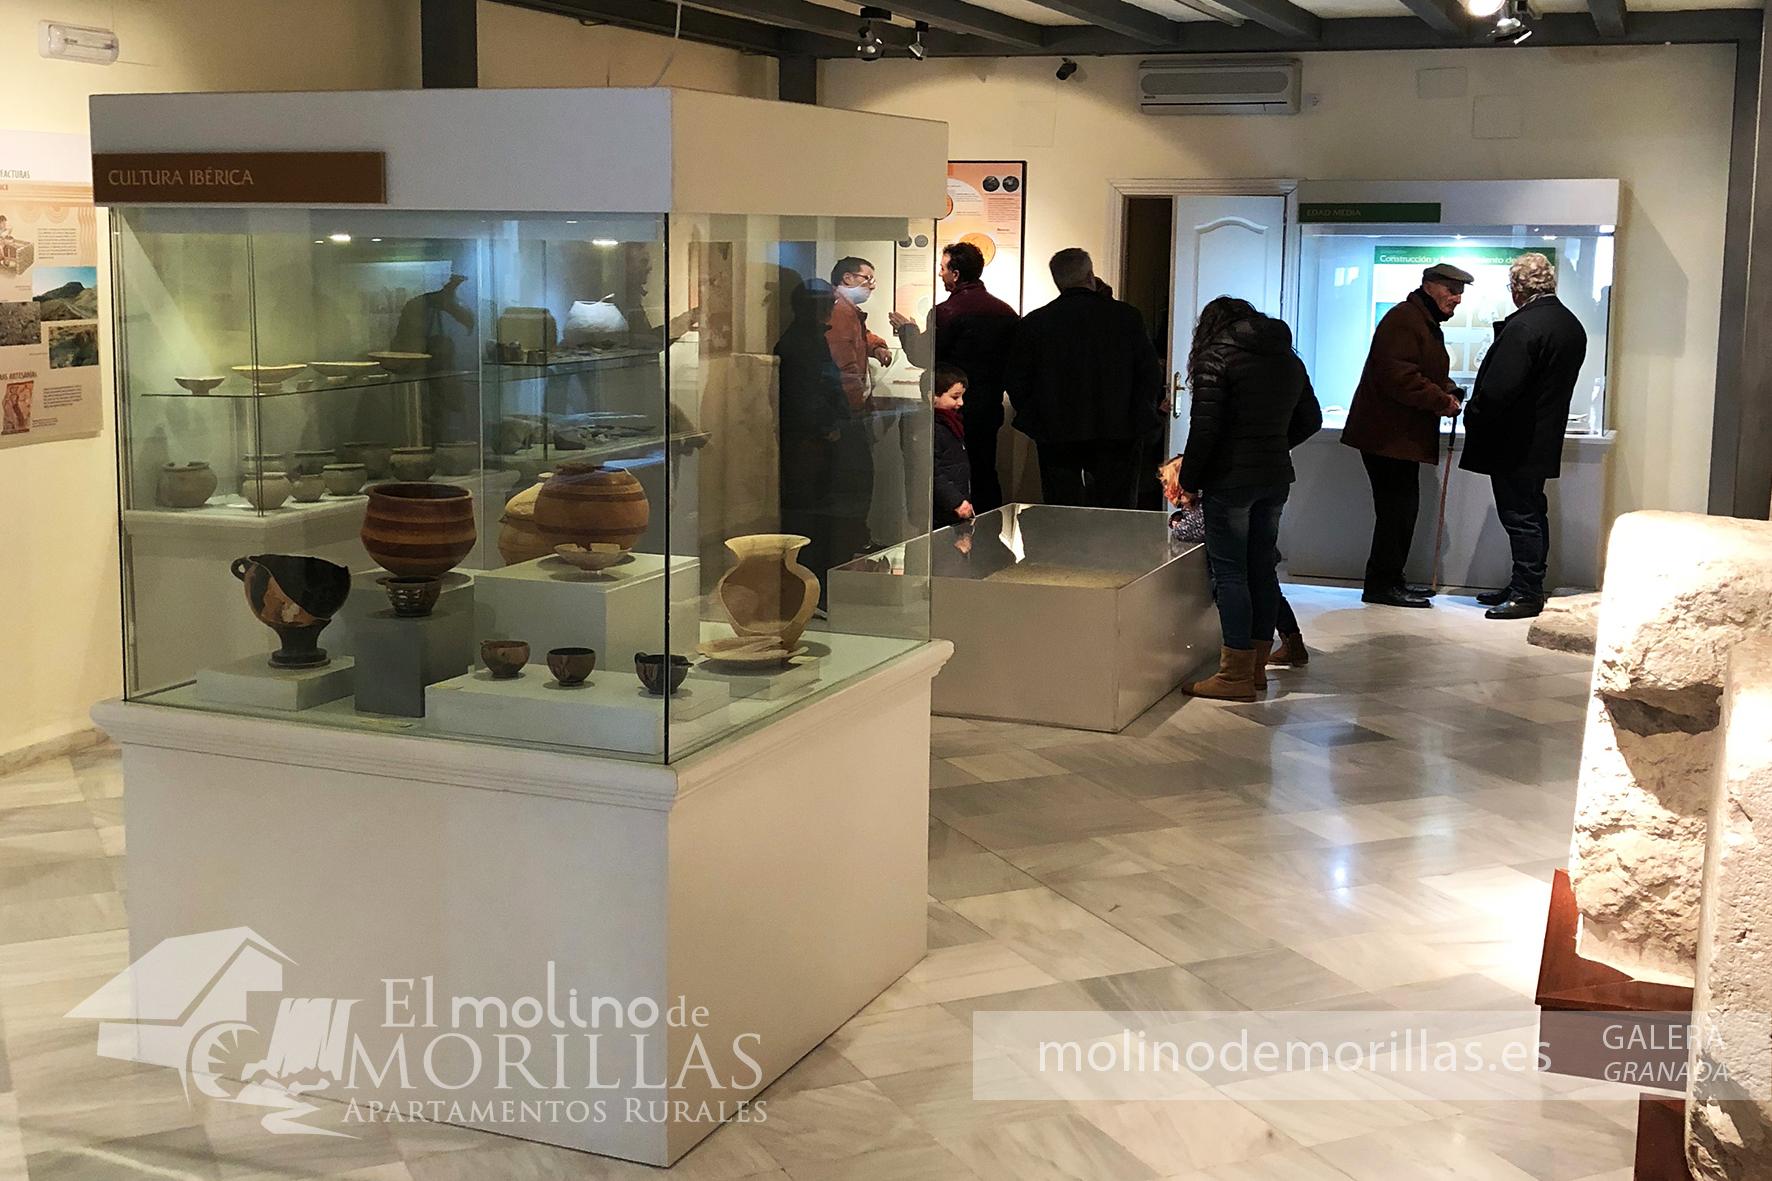 Restos de vasijas y enseres fenicios e íbero-romanos encontrados en los yacimientos de Galera